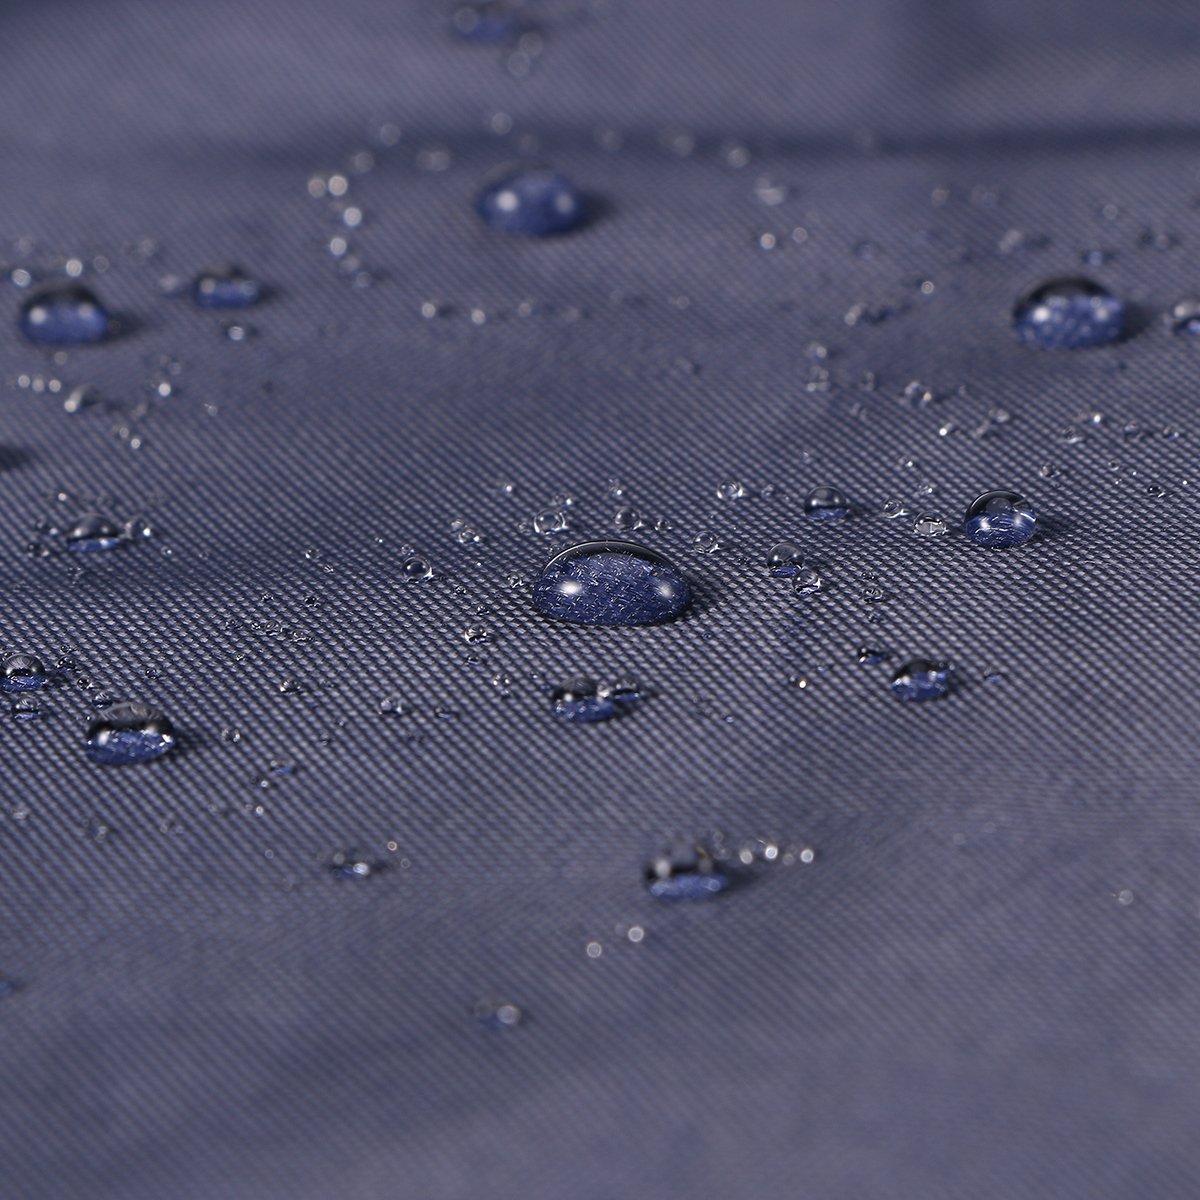 Bleu Marine VORCOOL Hommes Femmes V/élo V/élo Veste De Pluie Cape Poncho /À Capuche Coupe-Vent Manteau De Pluie Couverture De Scooter De Mobilit/é Camping En Plein Air Tente Tapis avec Capuchon Transparent